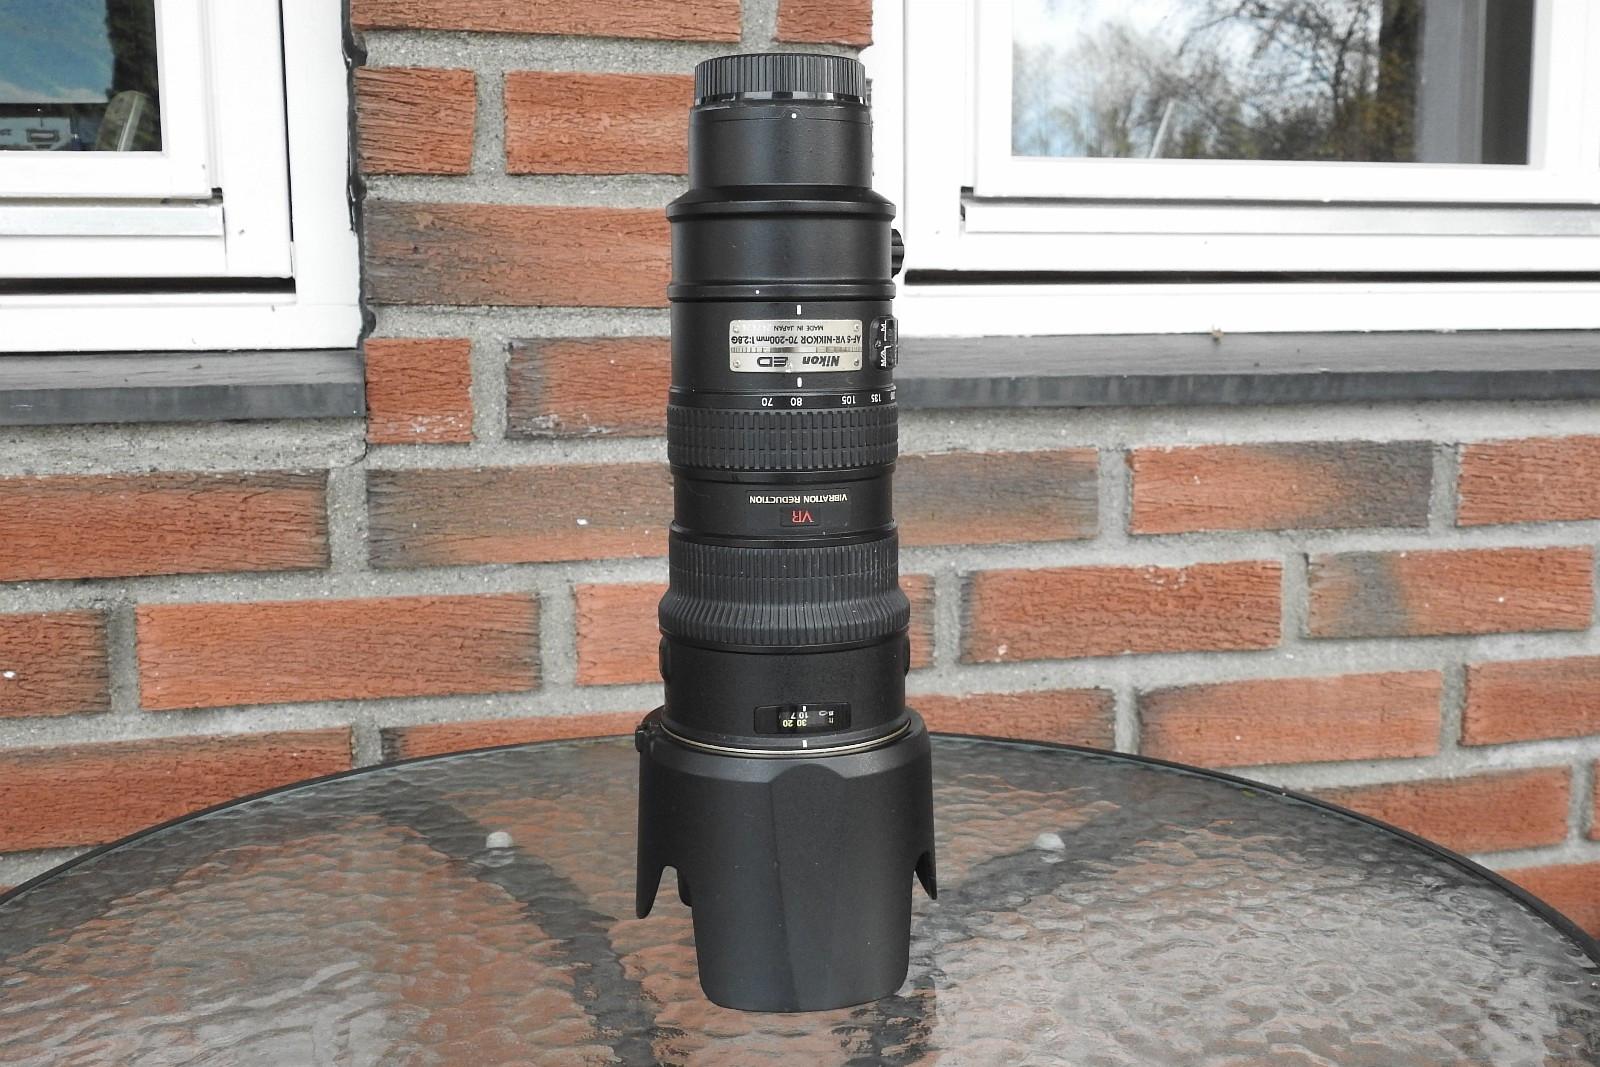 AF-S VR Nikkor 70-200 1:2.8 G - Våler I østfold  - Nikon 70-200 1:2.8 G VR Zoomobjektiv til salgs. Det følger også med et Hoya UV-filter. Objektivet er i god stand, og alt fungerer som det skal. Ingen skader på gla - Våler I østfold